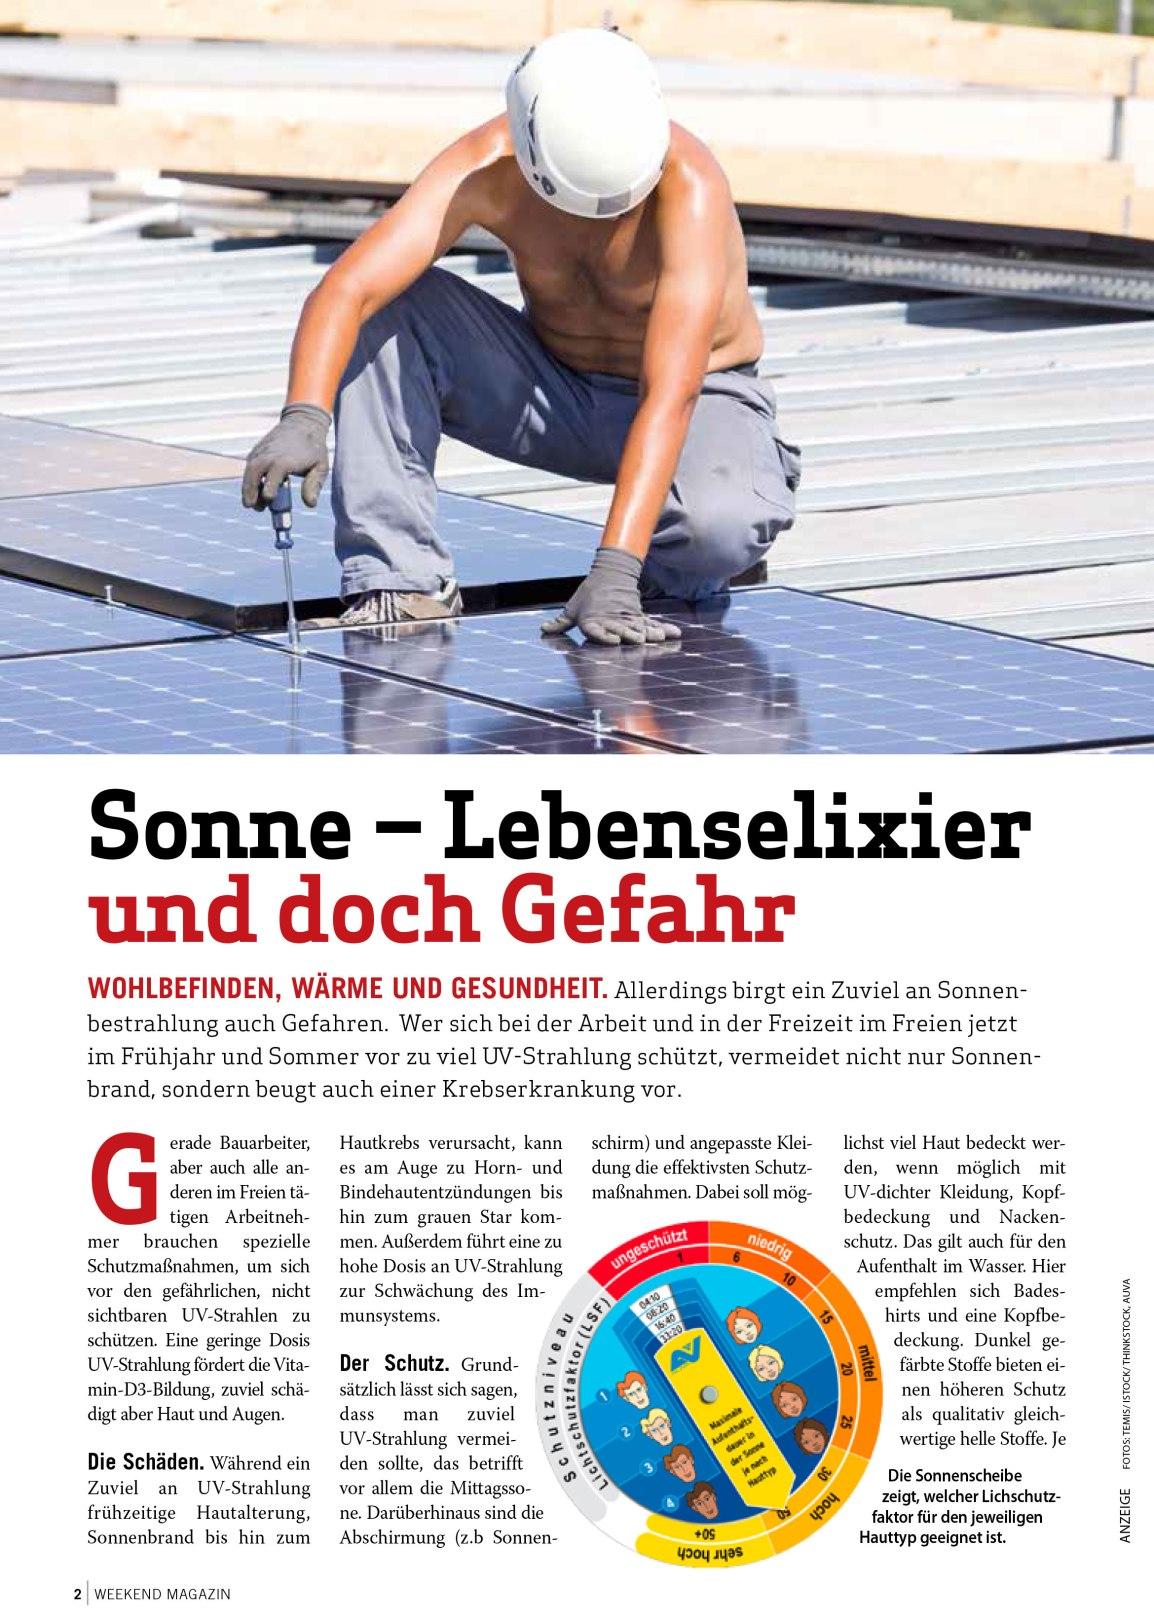 Sonne –Lebenselixier und doch Gefahr – Weekend Magazin 2019